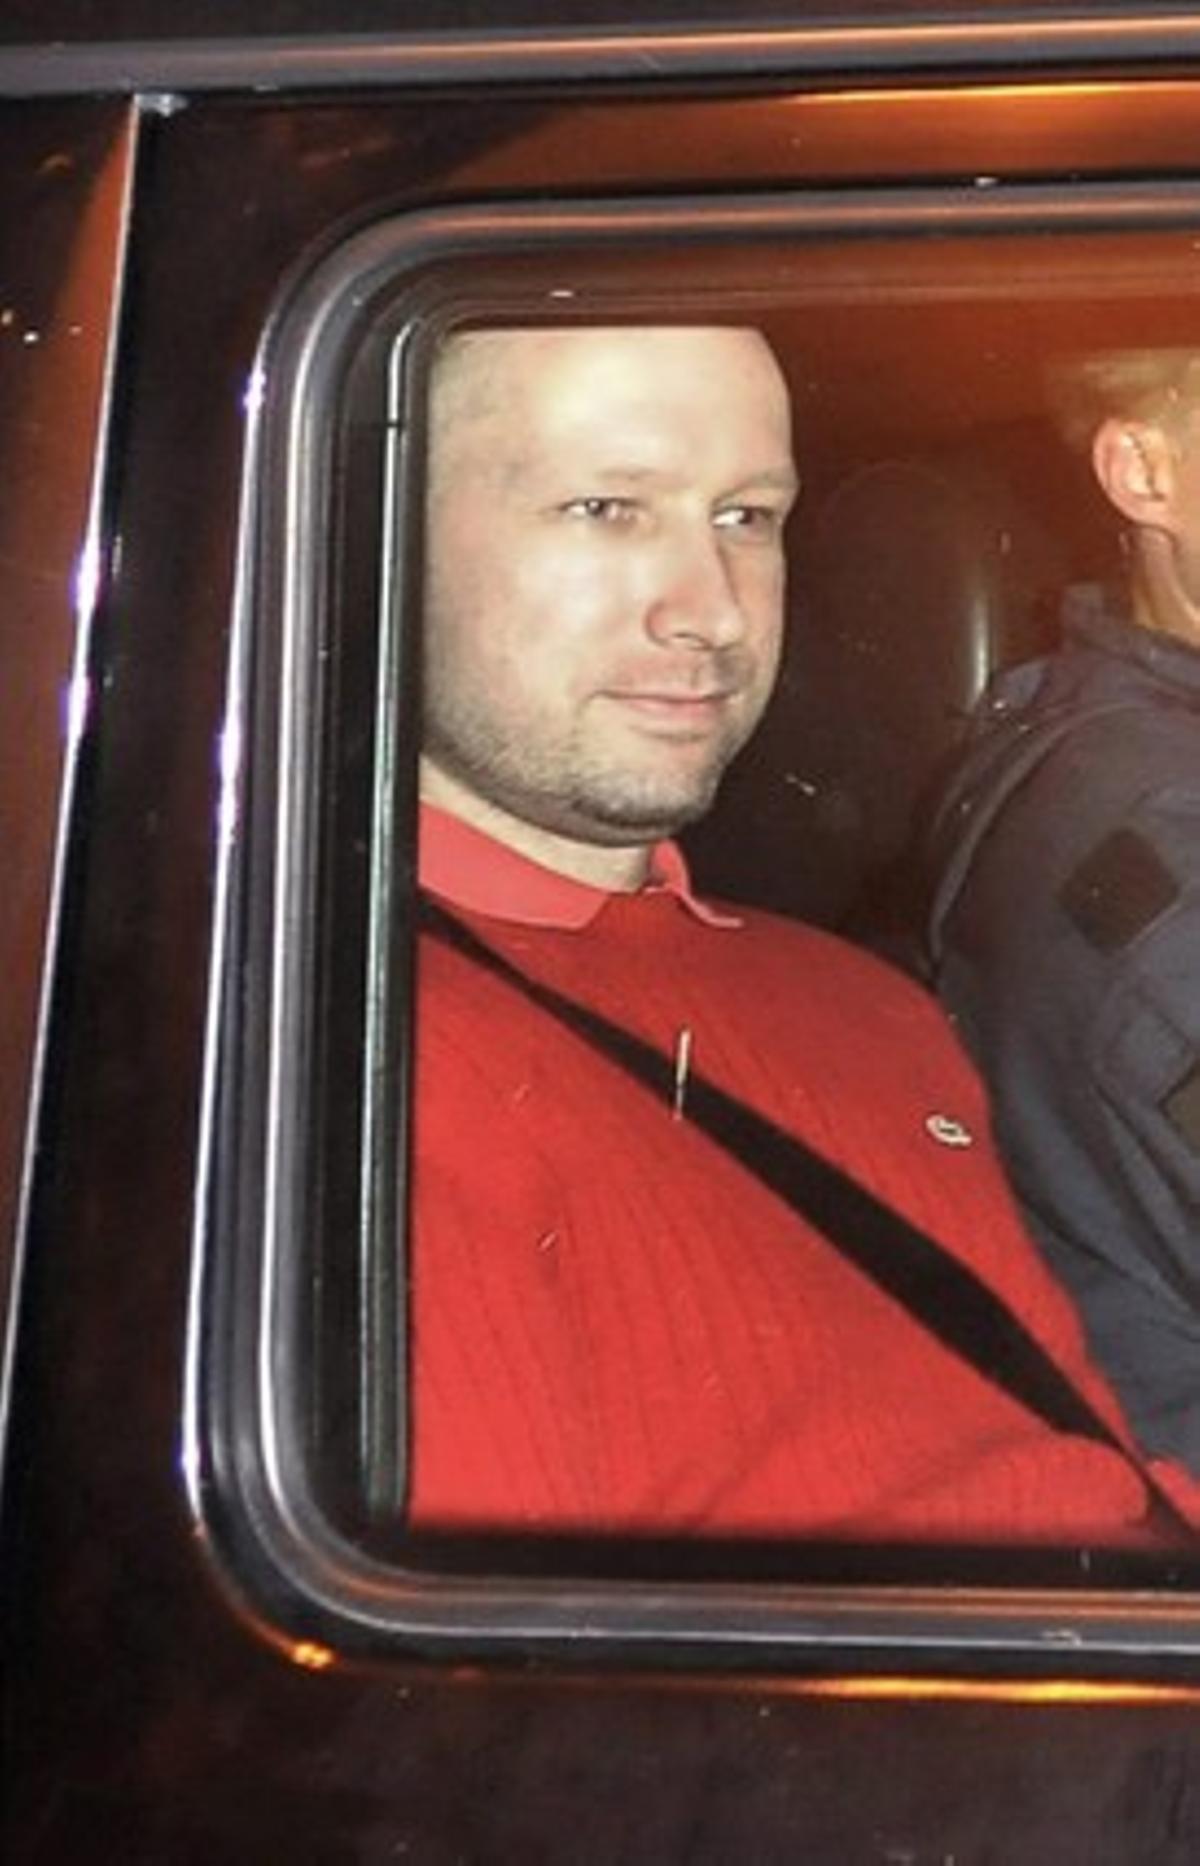 Breivik es trasladado en un vehìculo policial hasta los juzgados de Oslo.